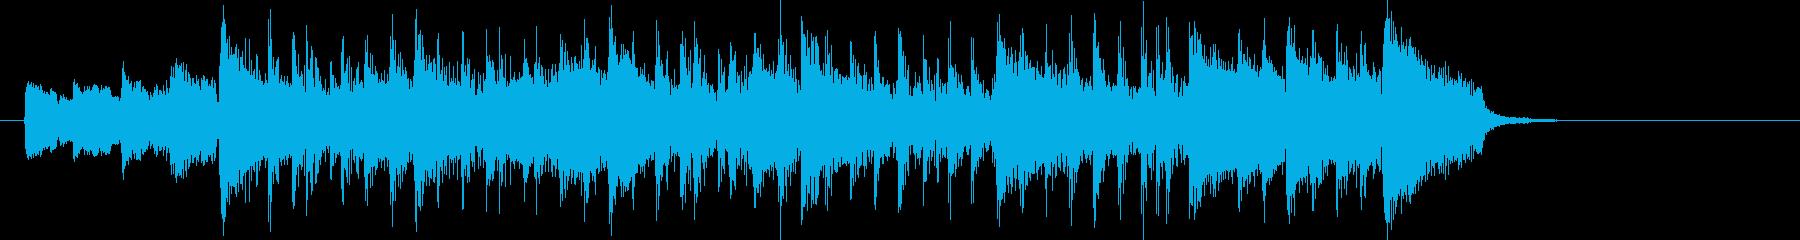 緩やかで可憐なシンセポップジングルの再生済みの波形